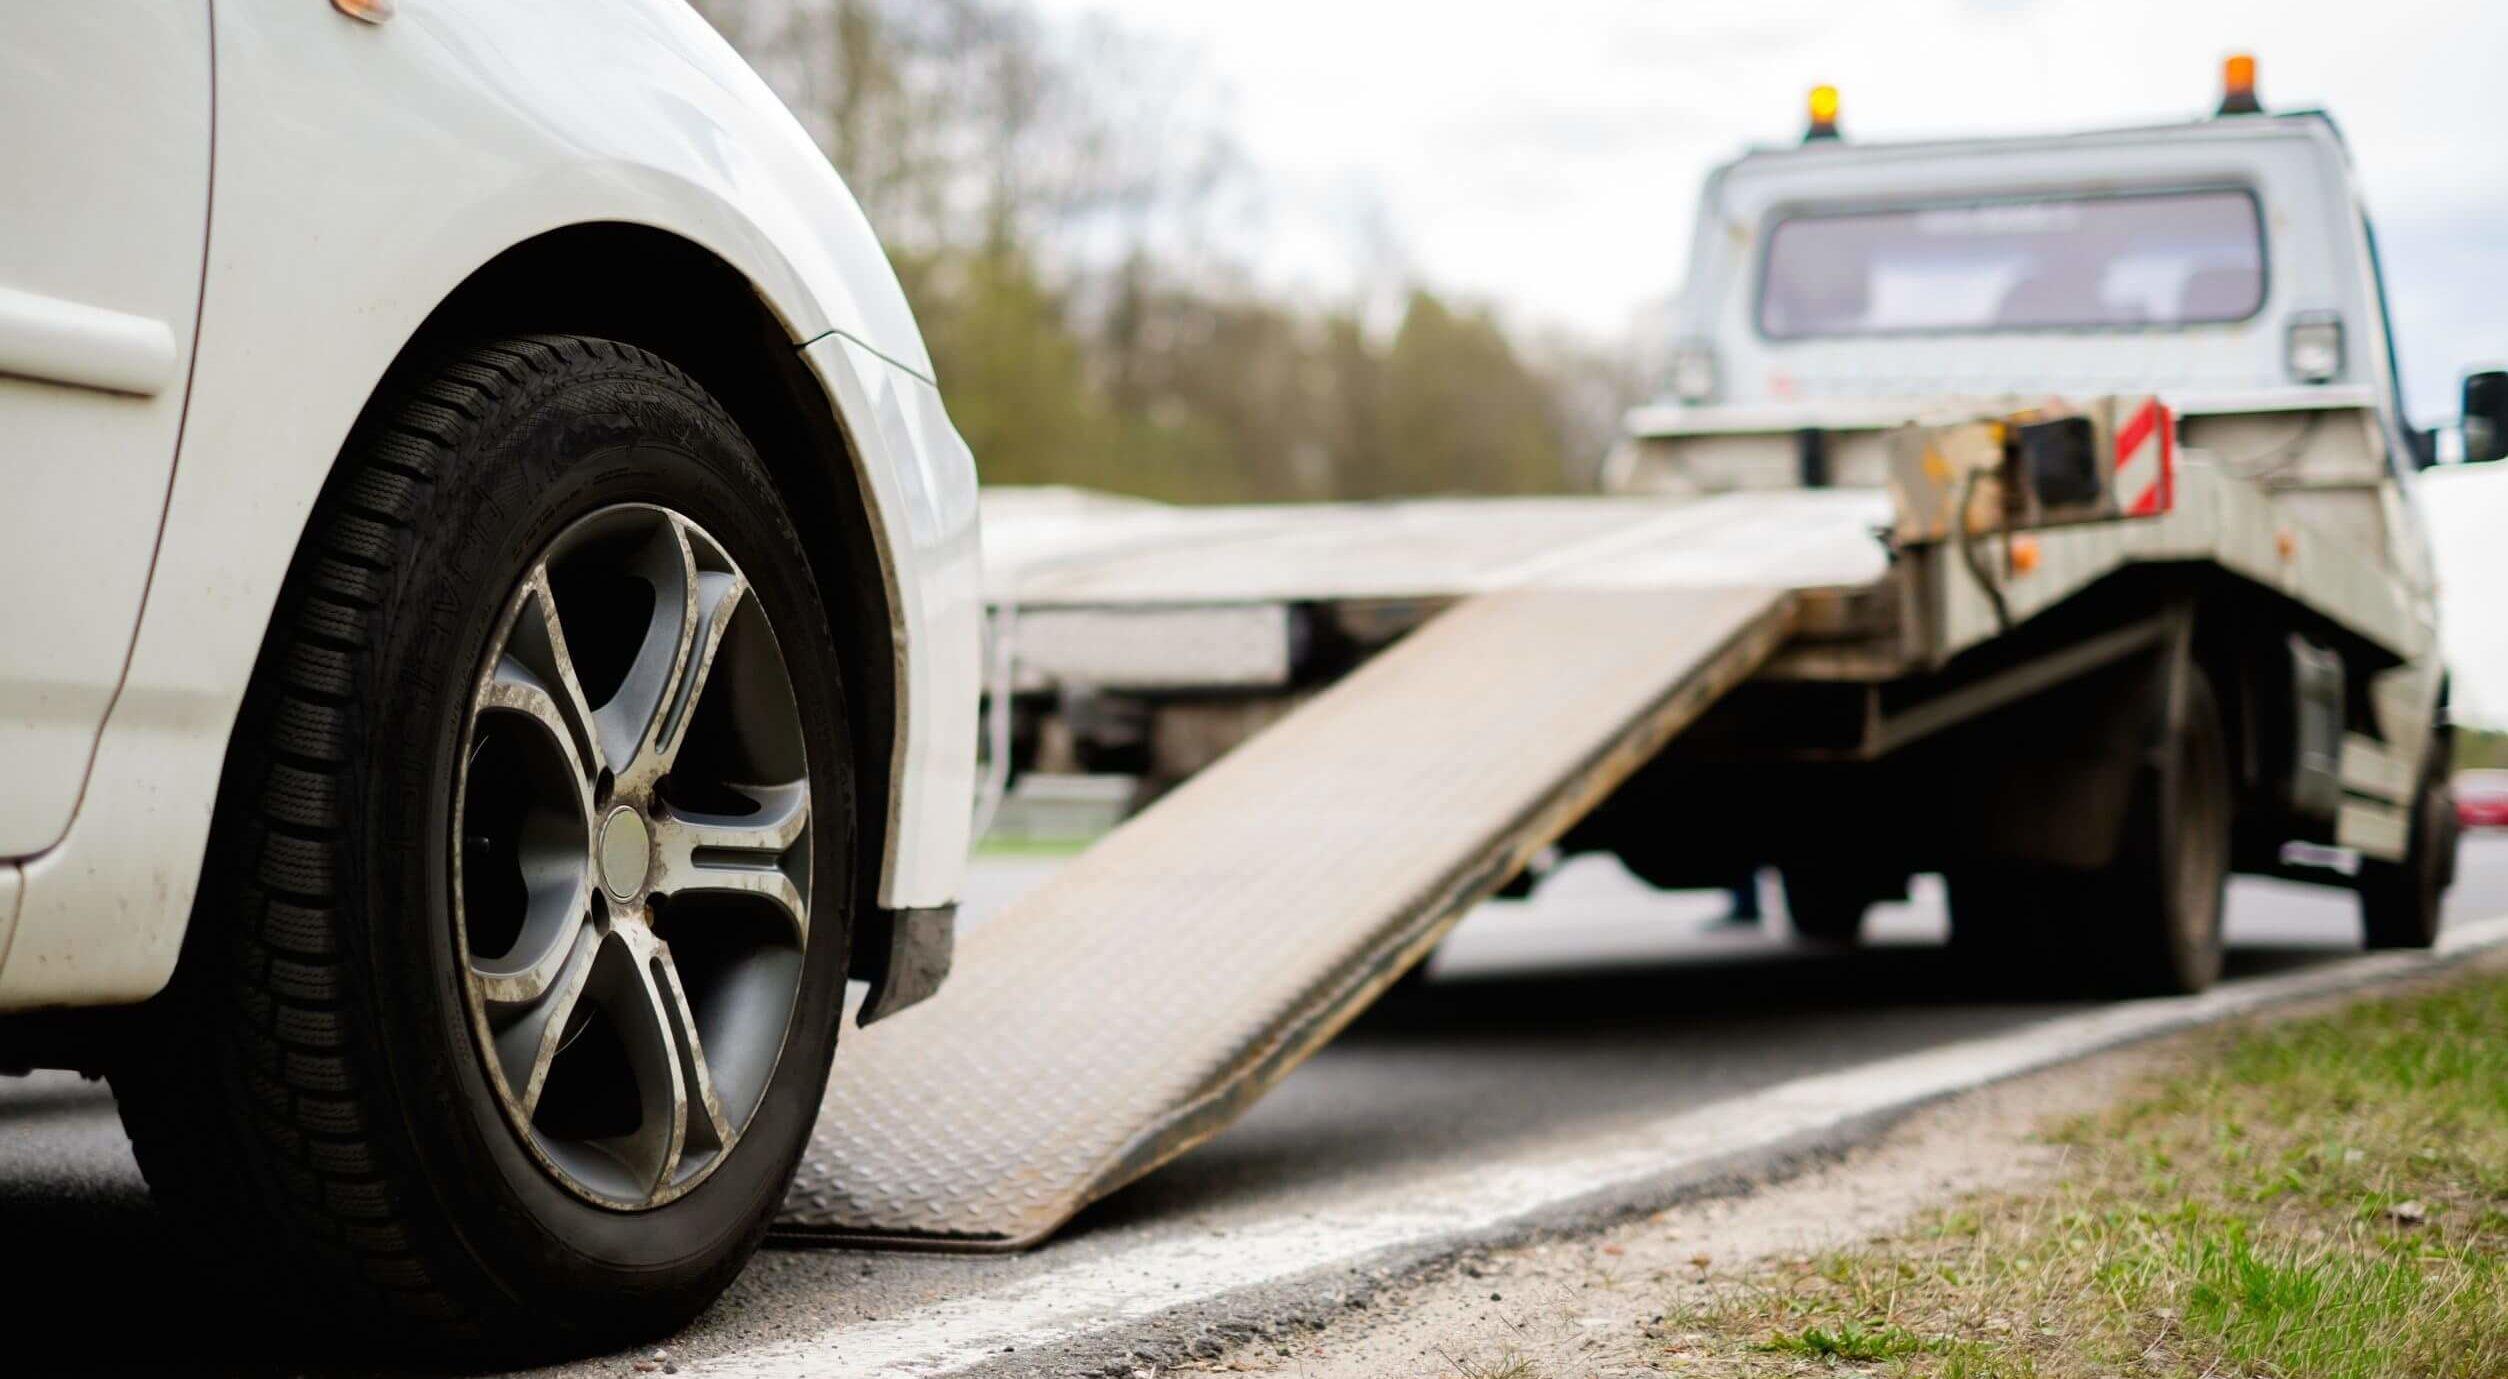 Статистика тех помощи на дорогах